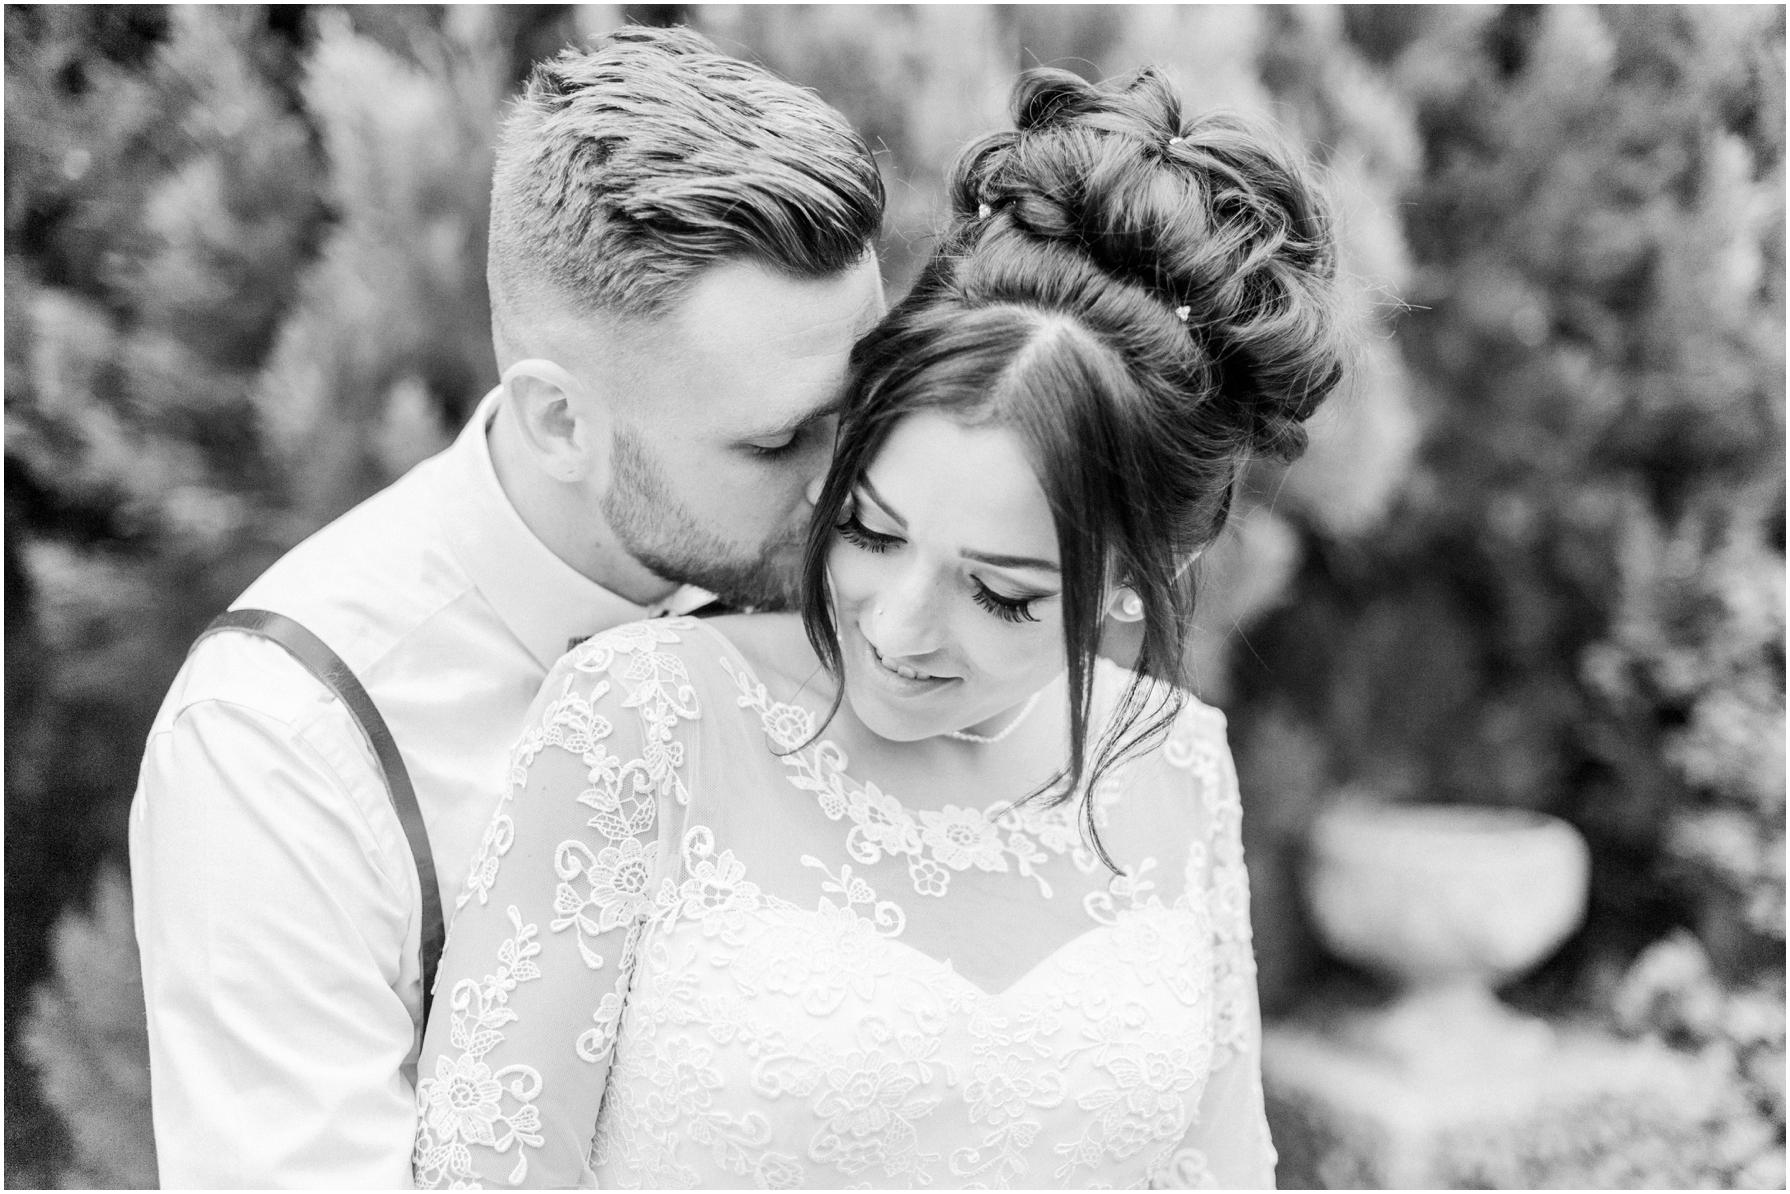 groom kissing his bride on her cheek